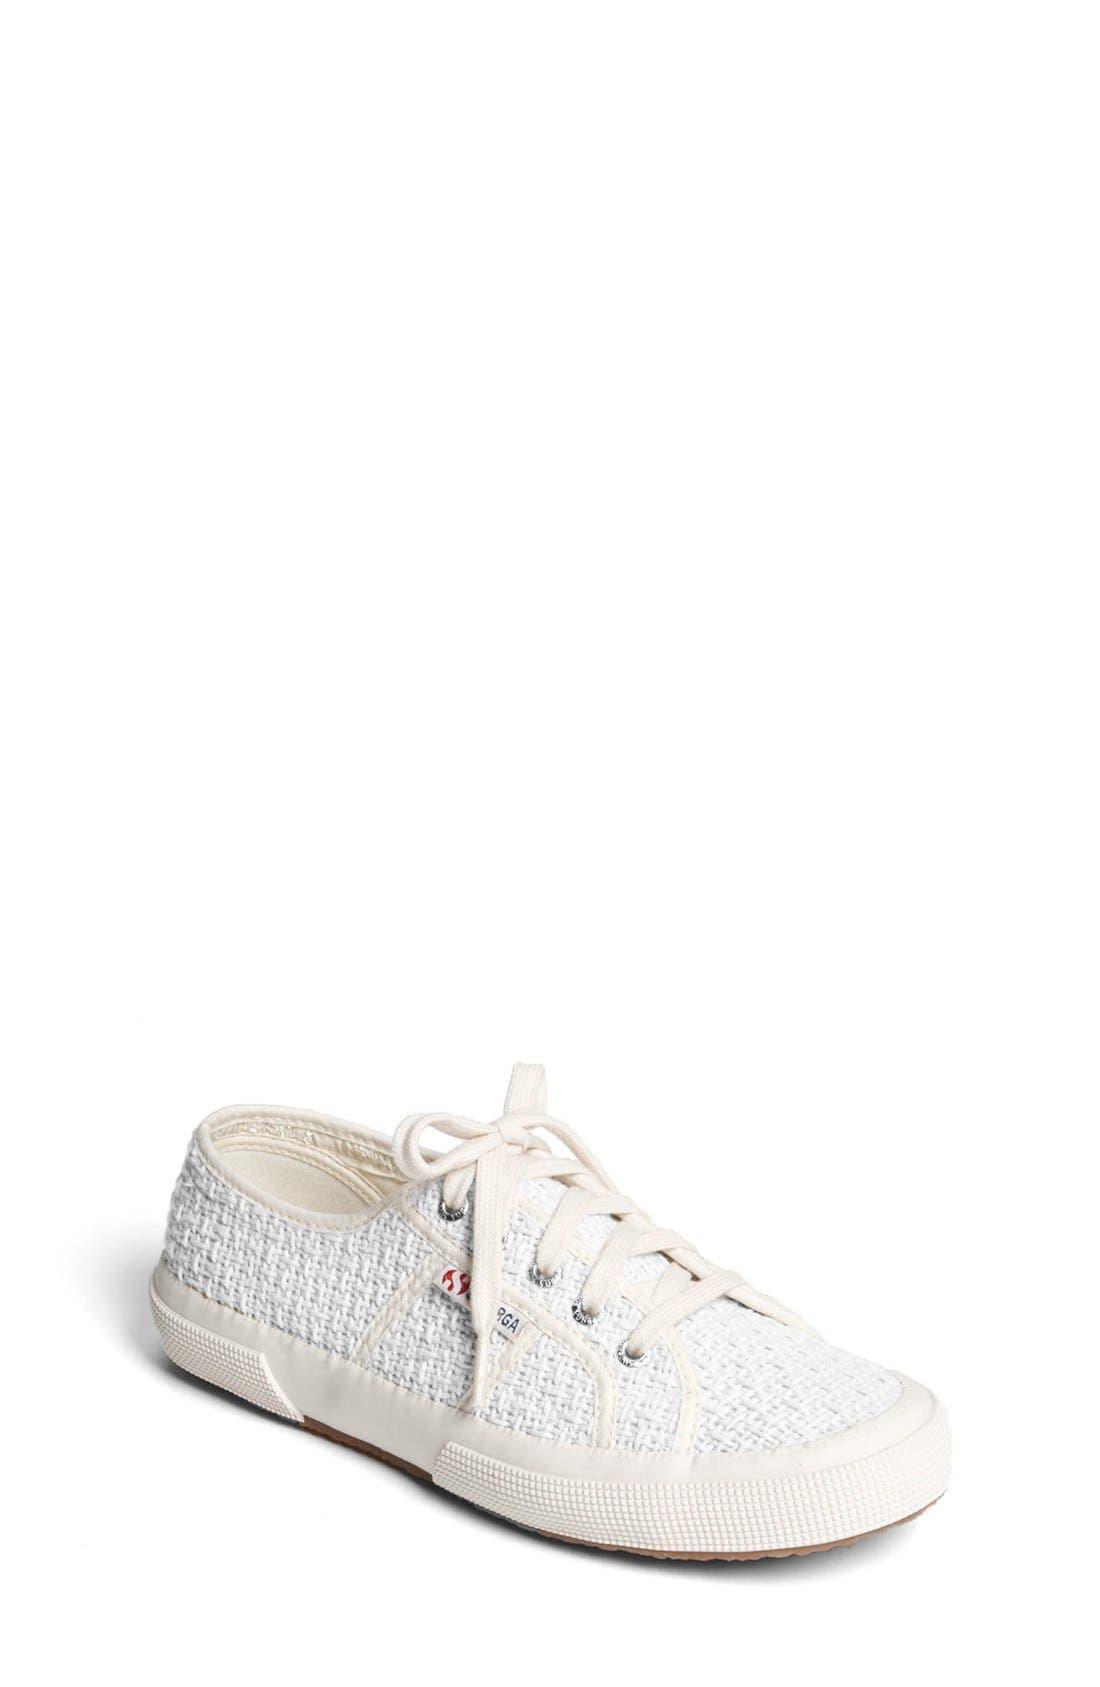 Alternate Image 1 Selected - Superga 'Crochet' Sneaker